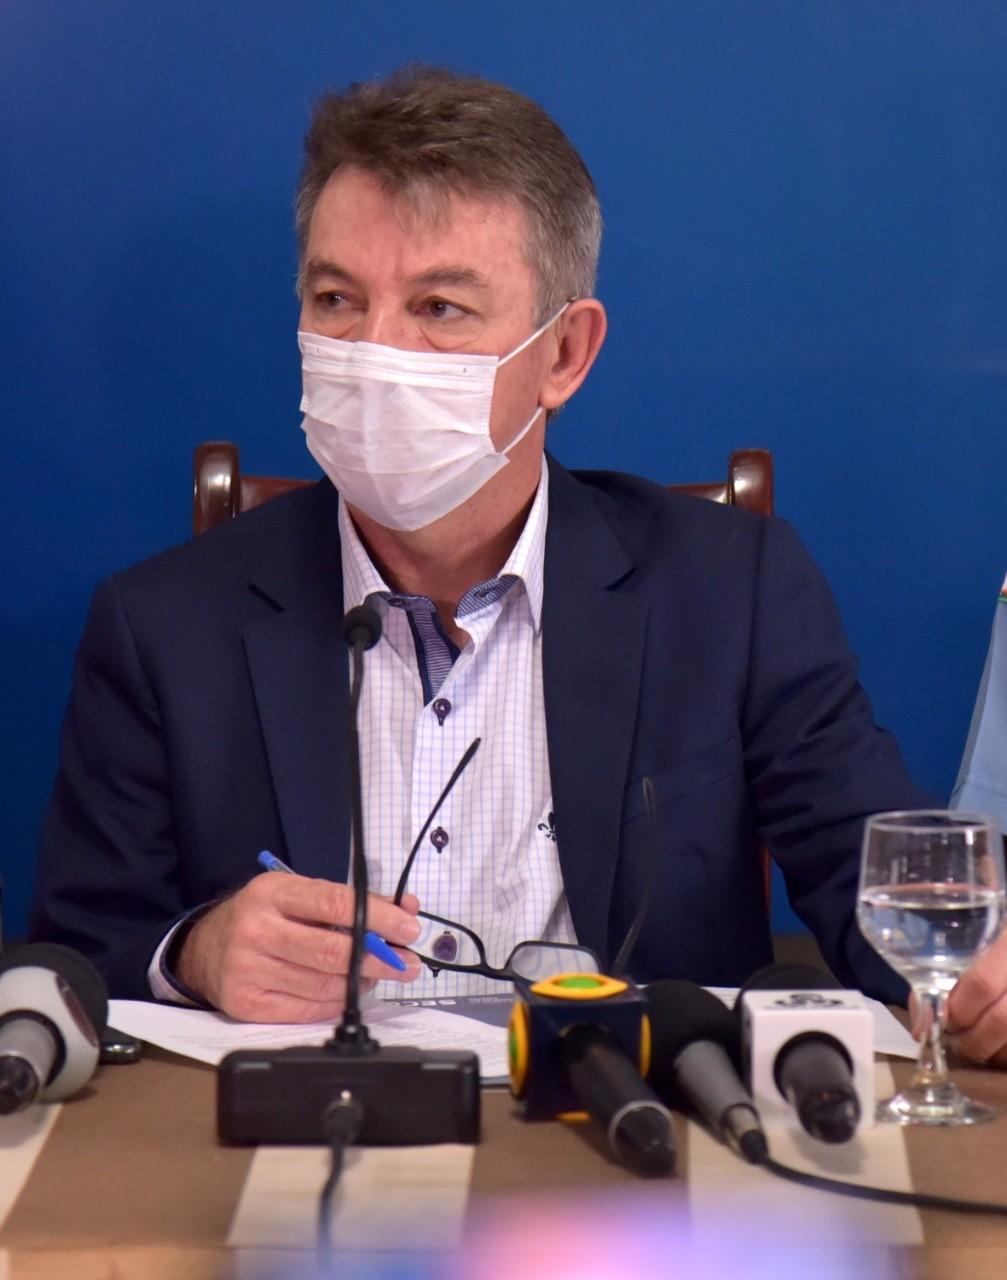 Governador de Roraima viaja a São Paulo para receber doses da vacina contra Covid-19